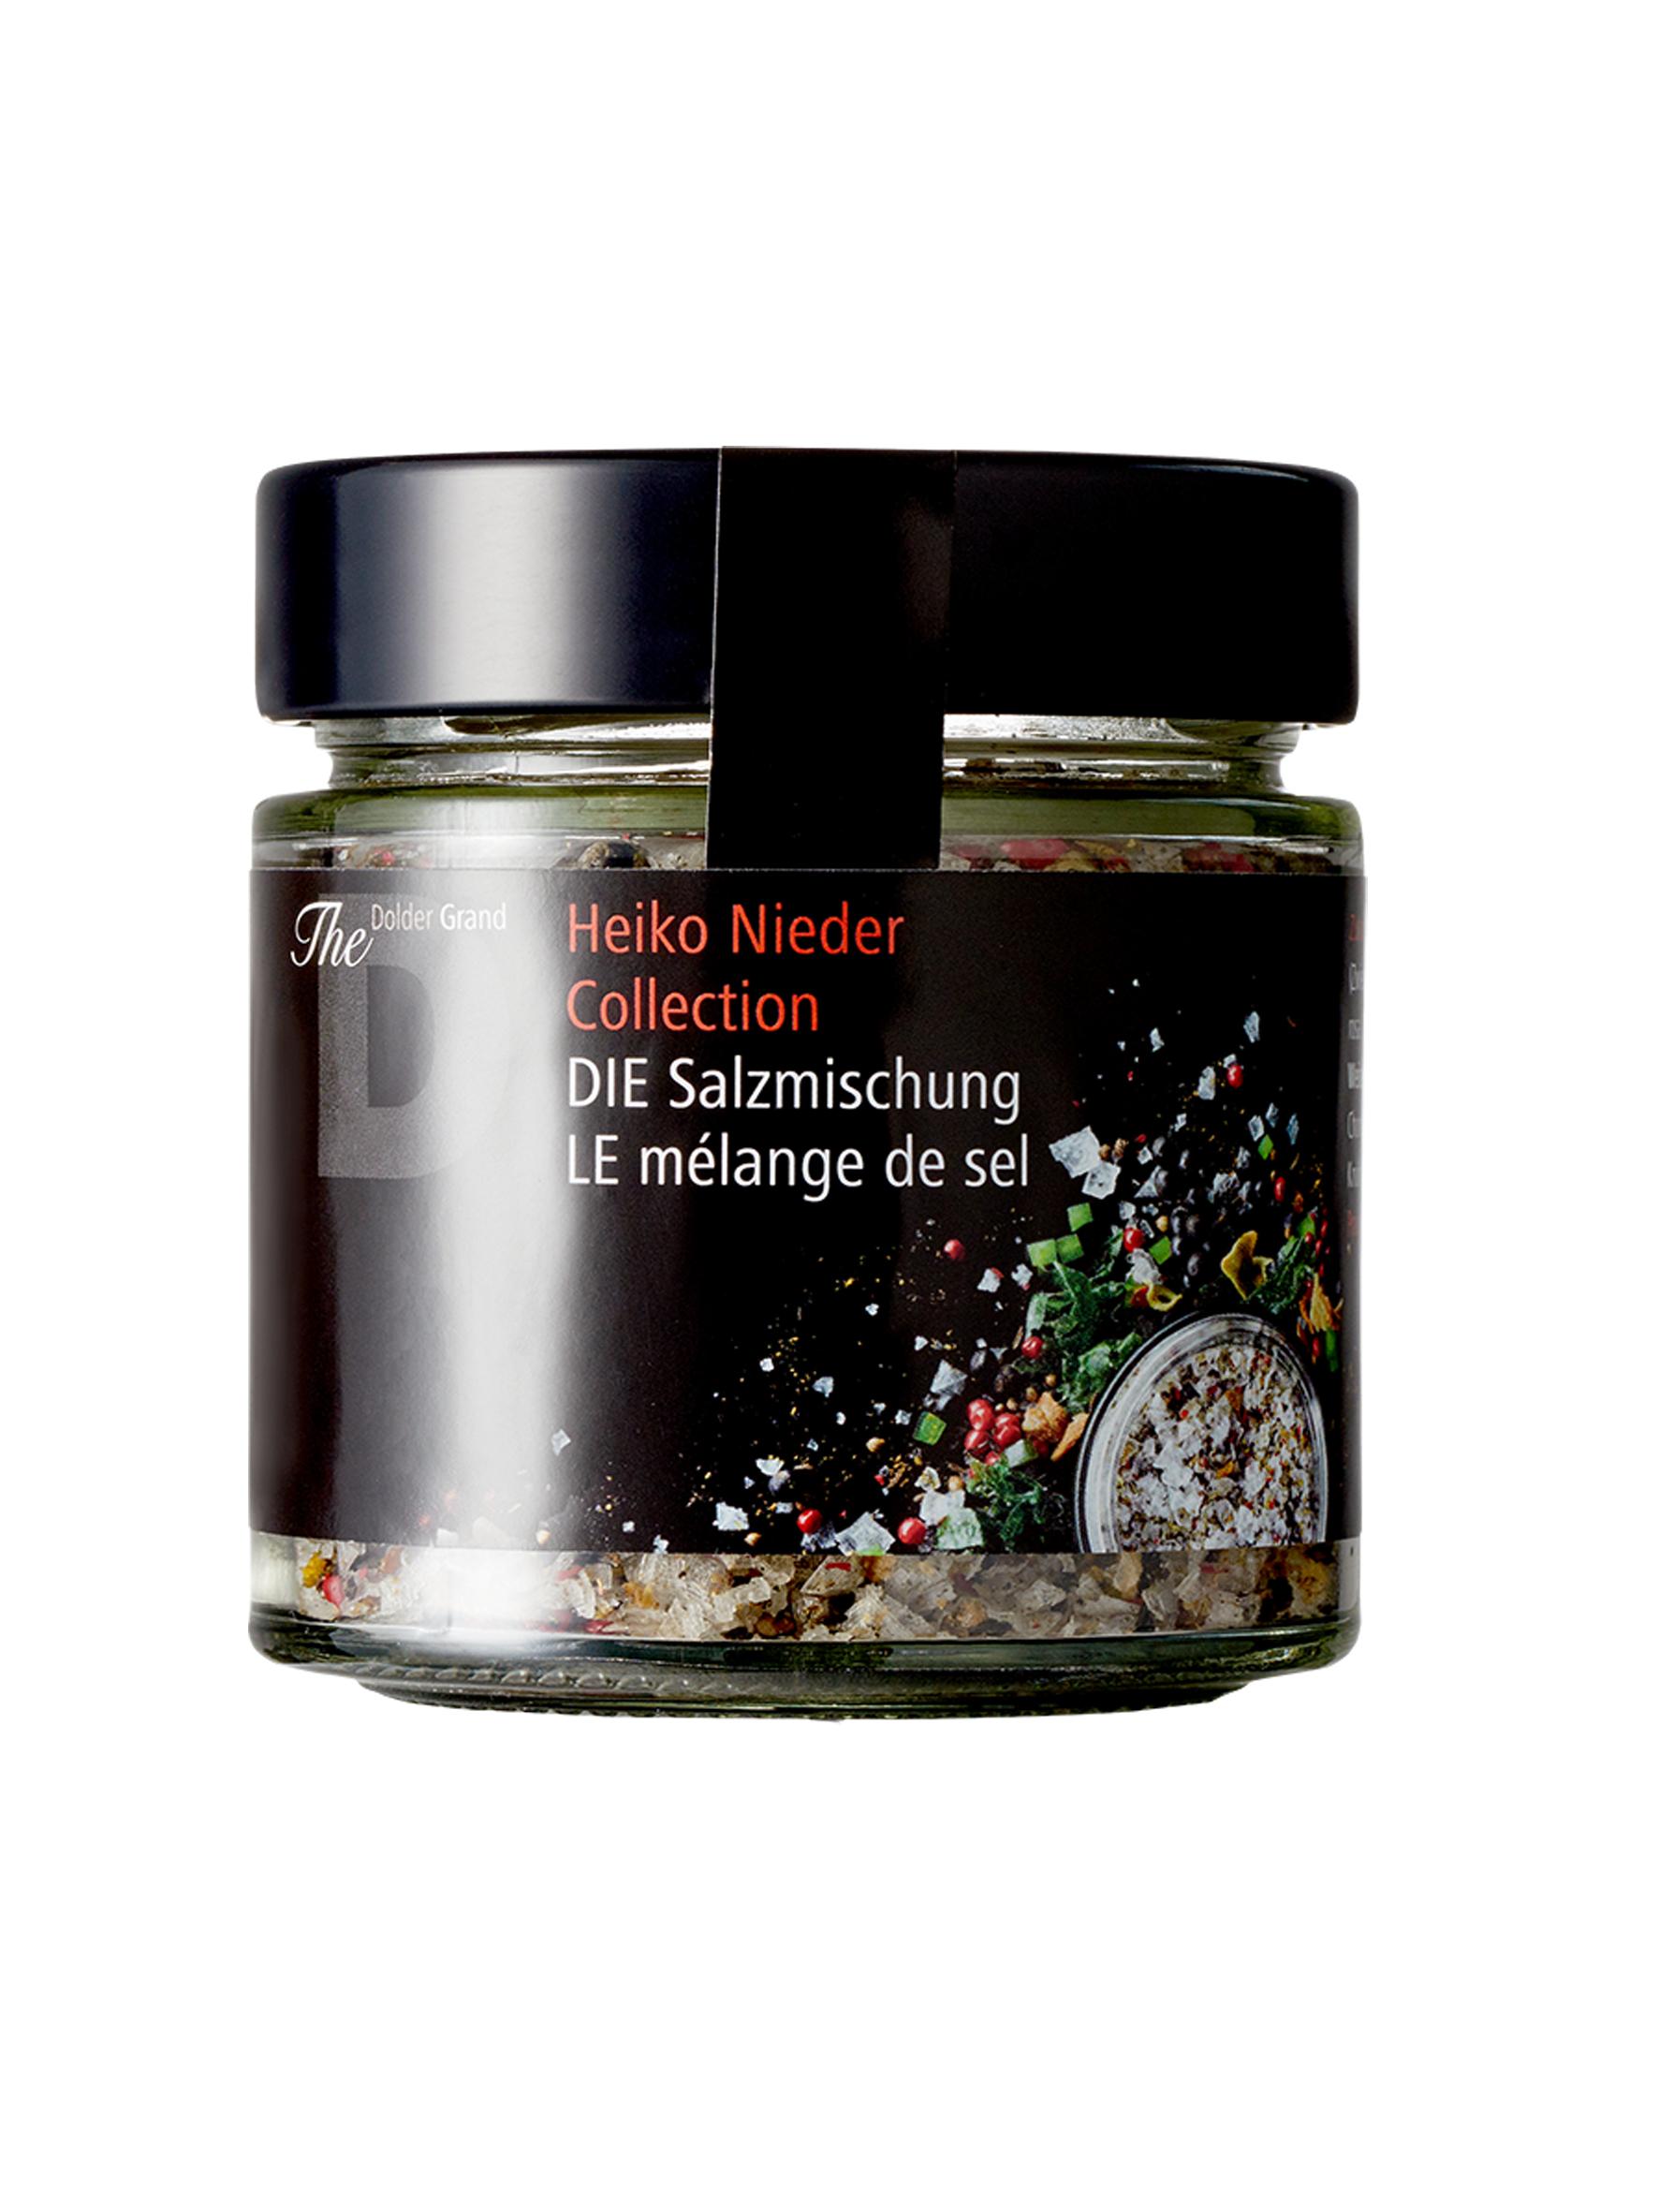 Heiko Nieder: Collection - DIE Salzmischung